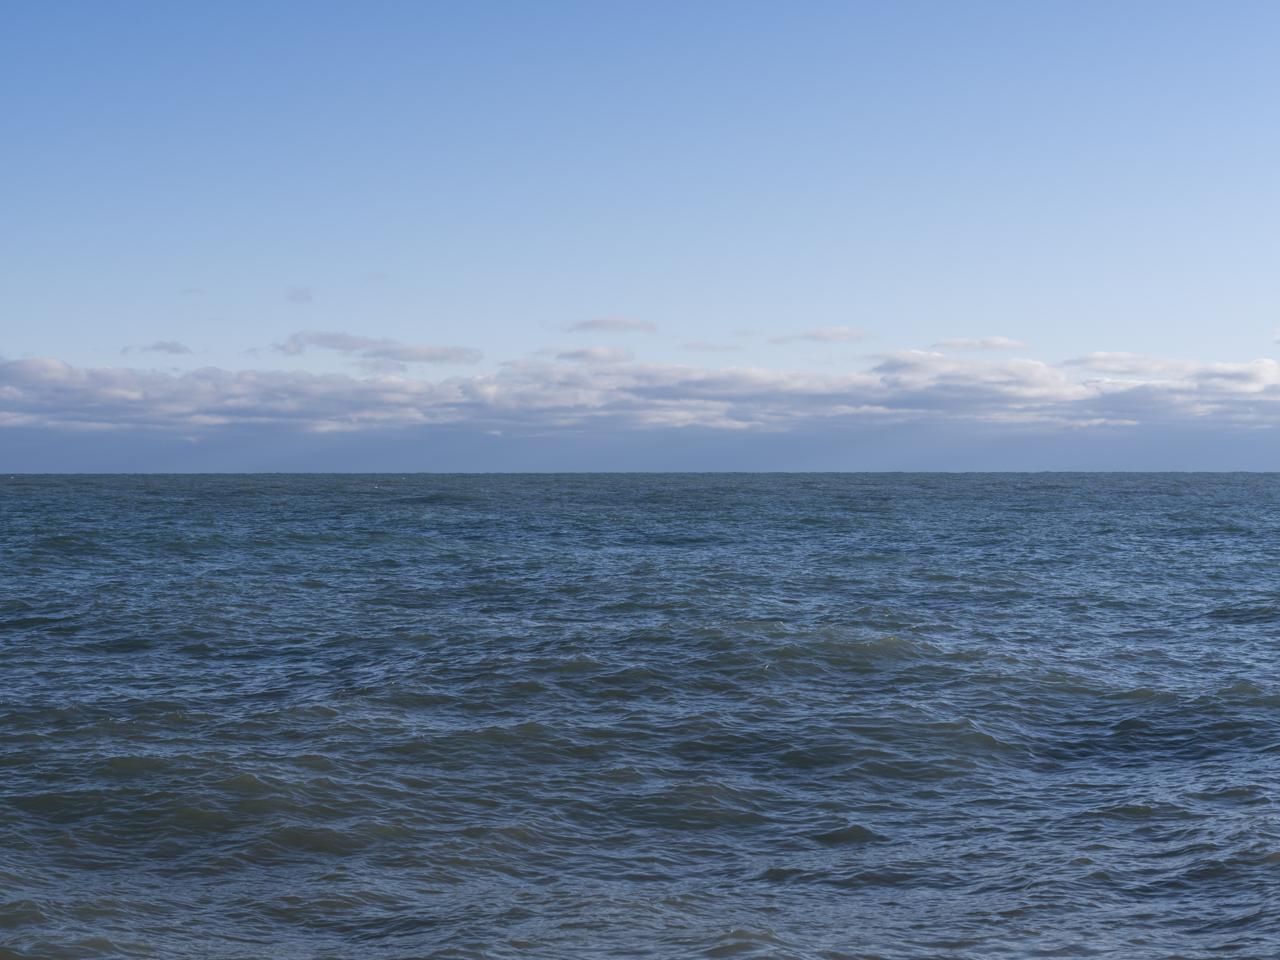 Lake Michigan, January 8th, 2020